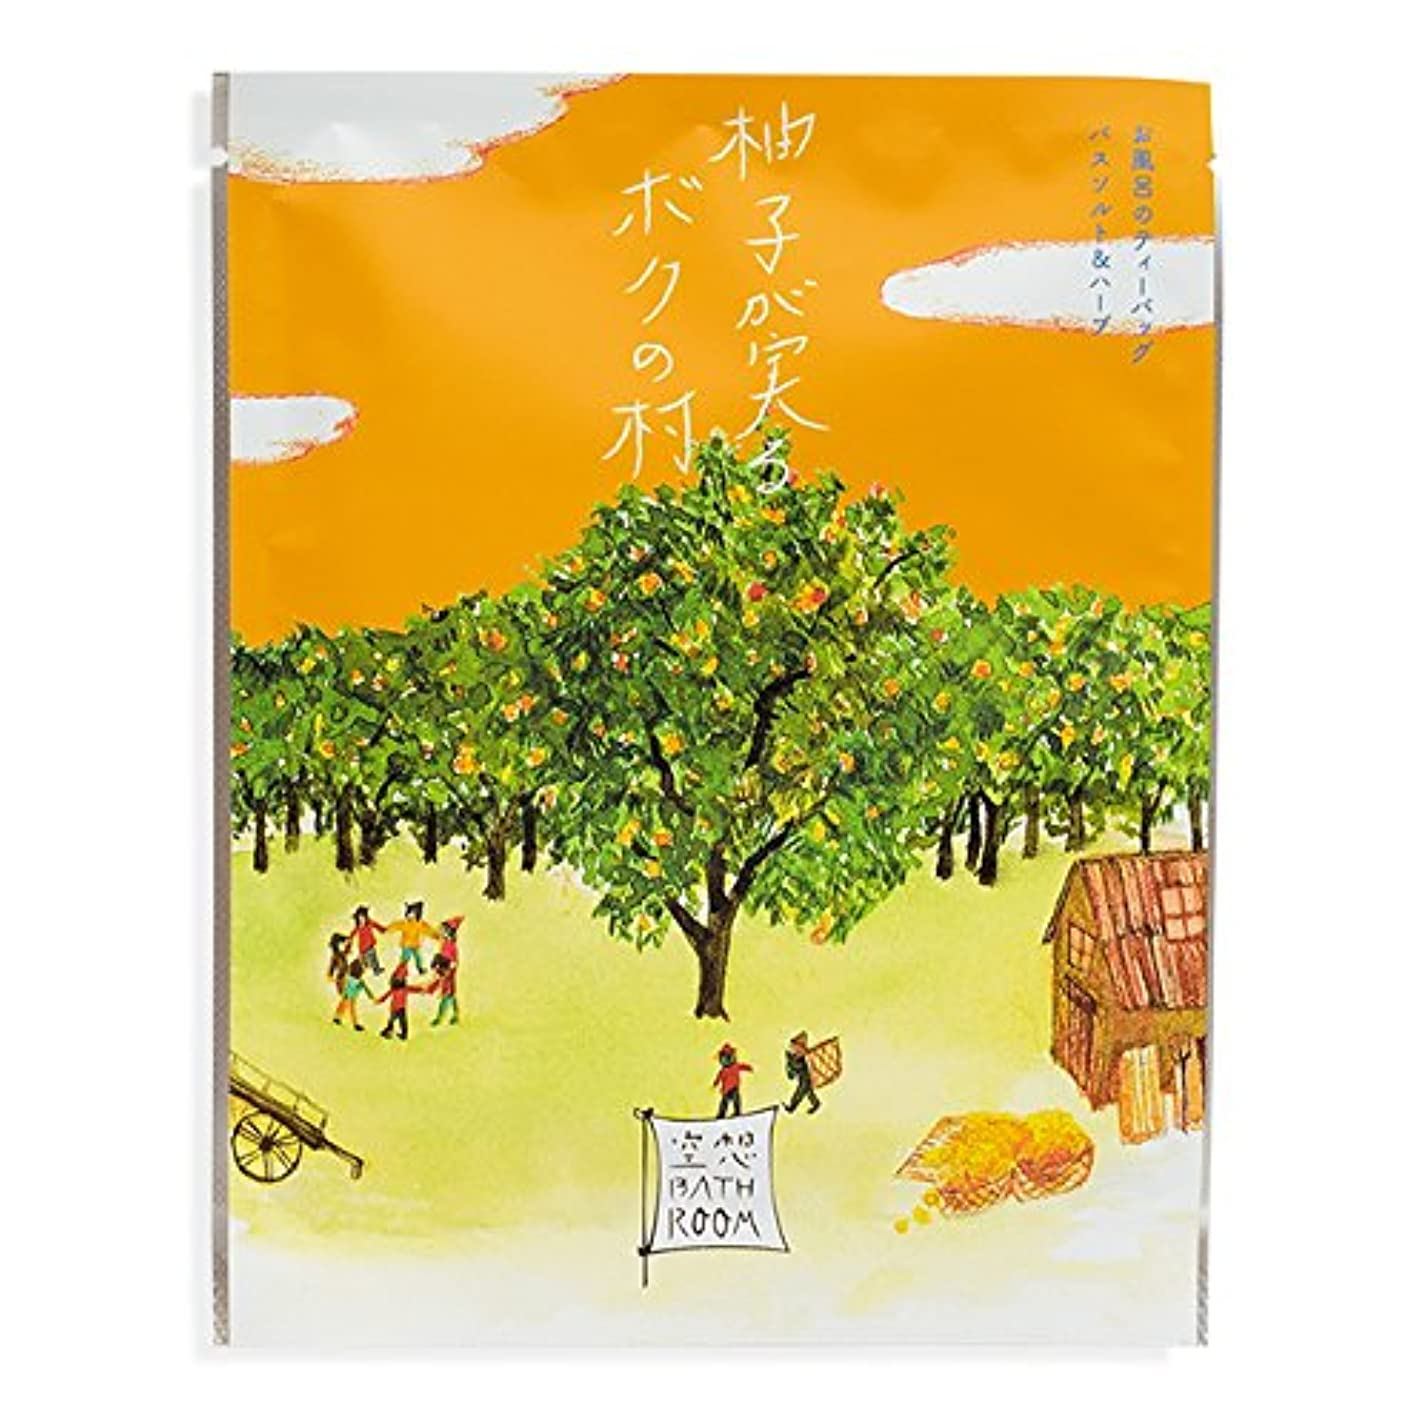 快適ディスパッチシュリンクチャーリー 空想バスルーム 柚子が実るボクの村 30g